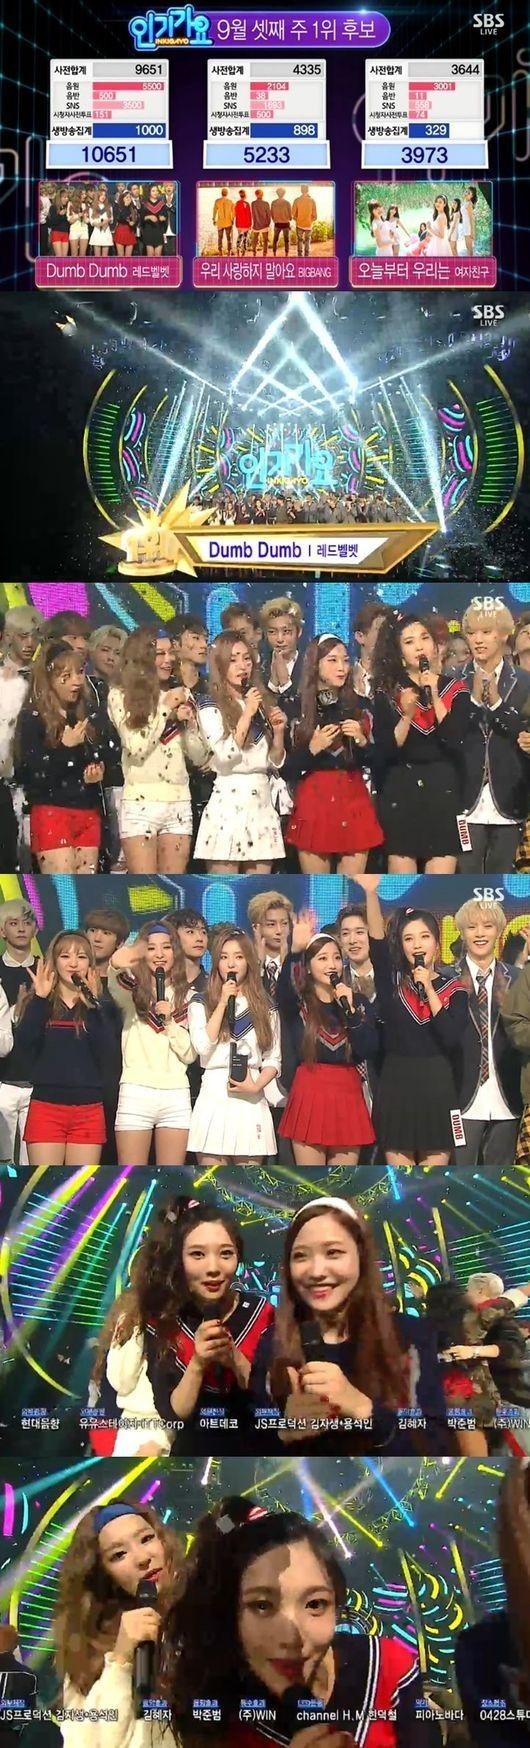 Red Velvetの新曲「Dumb Dumb」地上波番組で初めての1位を獲得!